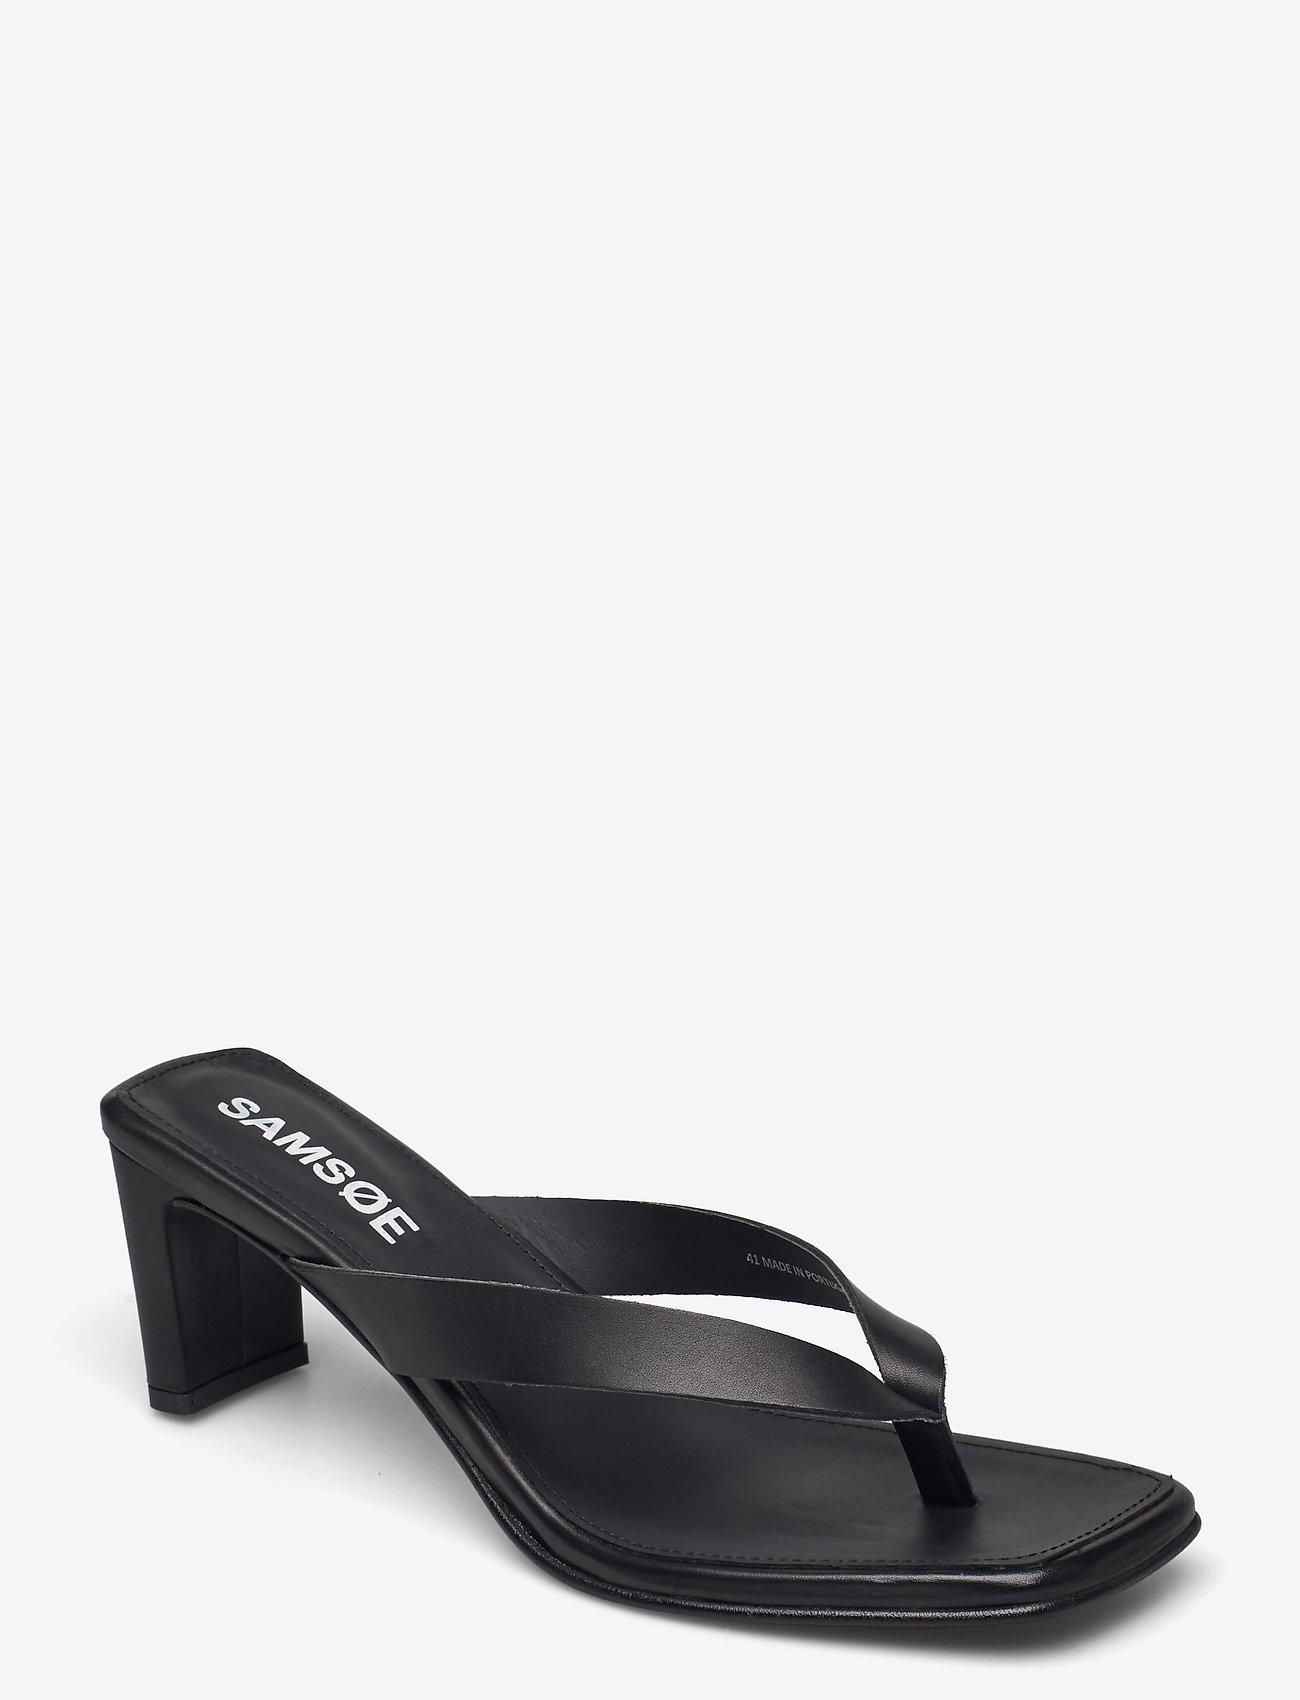 Samsøe Samsøe - Brial sandal 11399 - høyhælte sandaler - black - 0